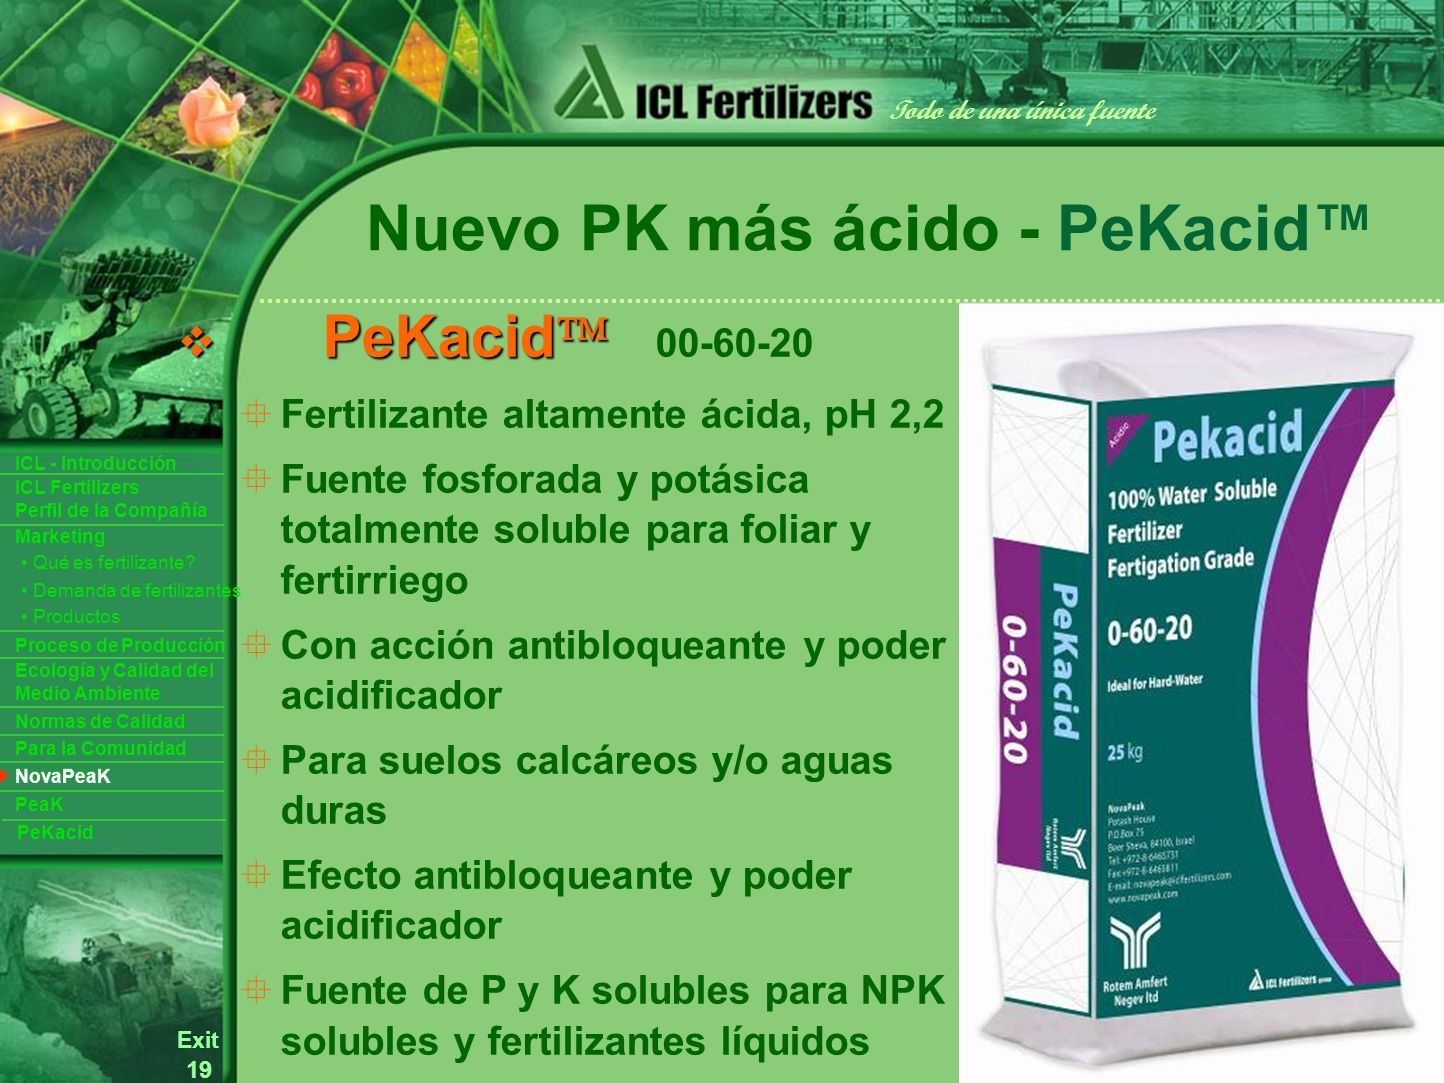 19 Exit Todo de una única fuente ICL Fertilizers Perfil de la Compañía ICL - Introducción Productos Para la Comunidad Ecología y Calidad del Medio Ambiente Normas de Calidad Marketing Proceso de Producción Demanda de fertilizantes Qué es fertilizante.